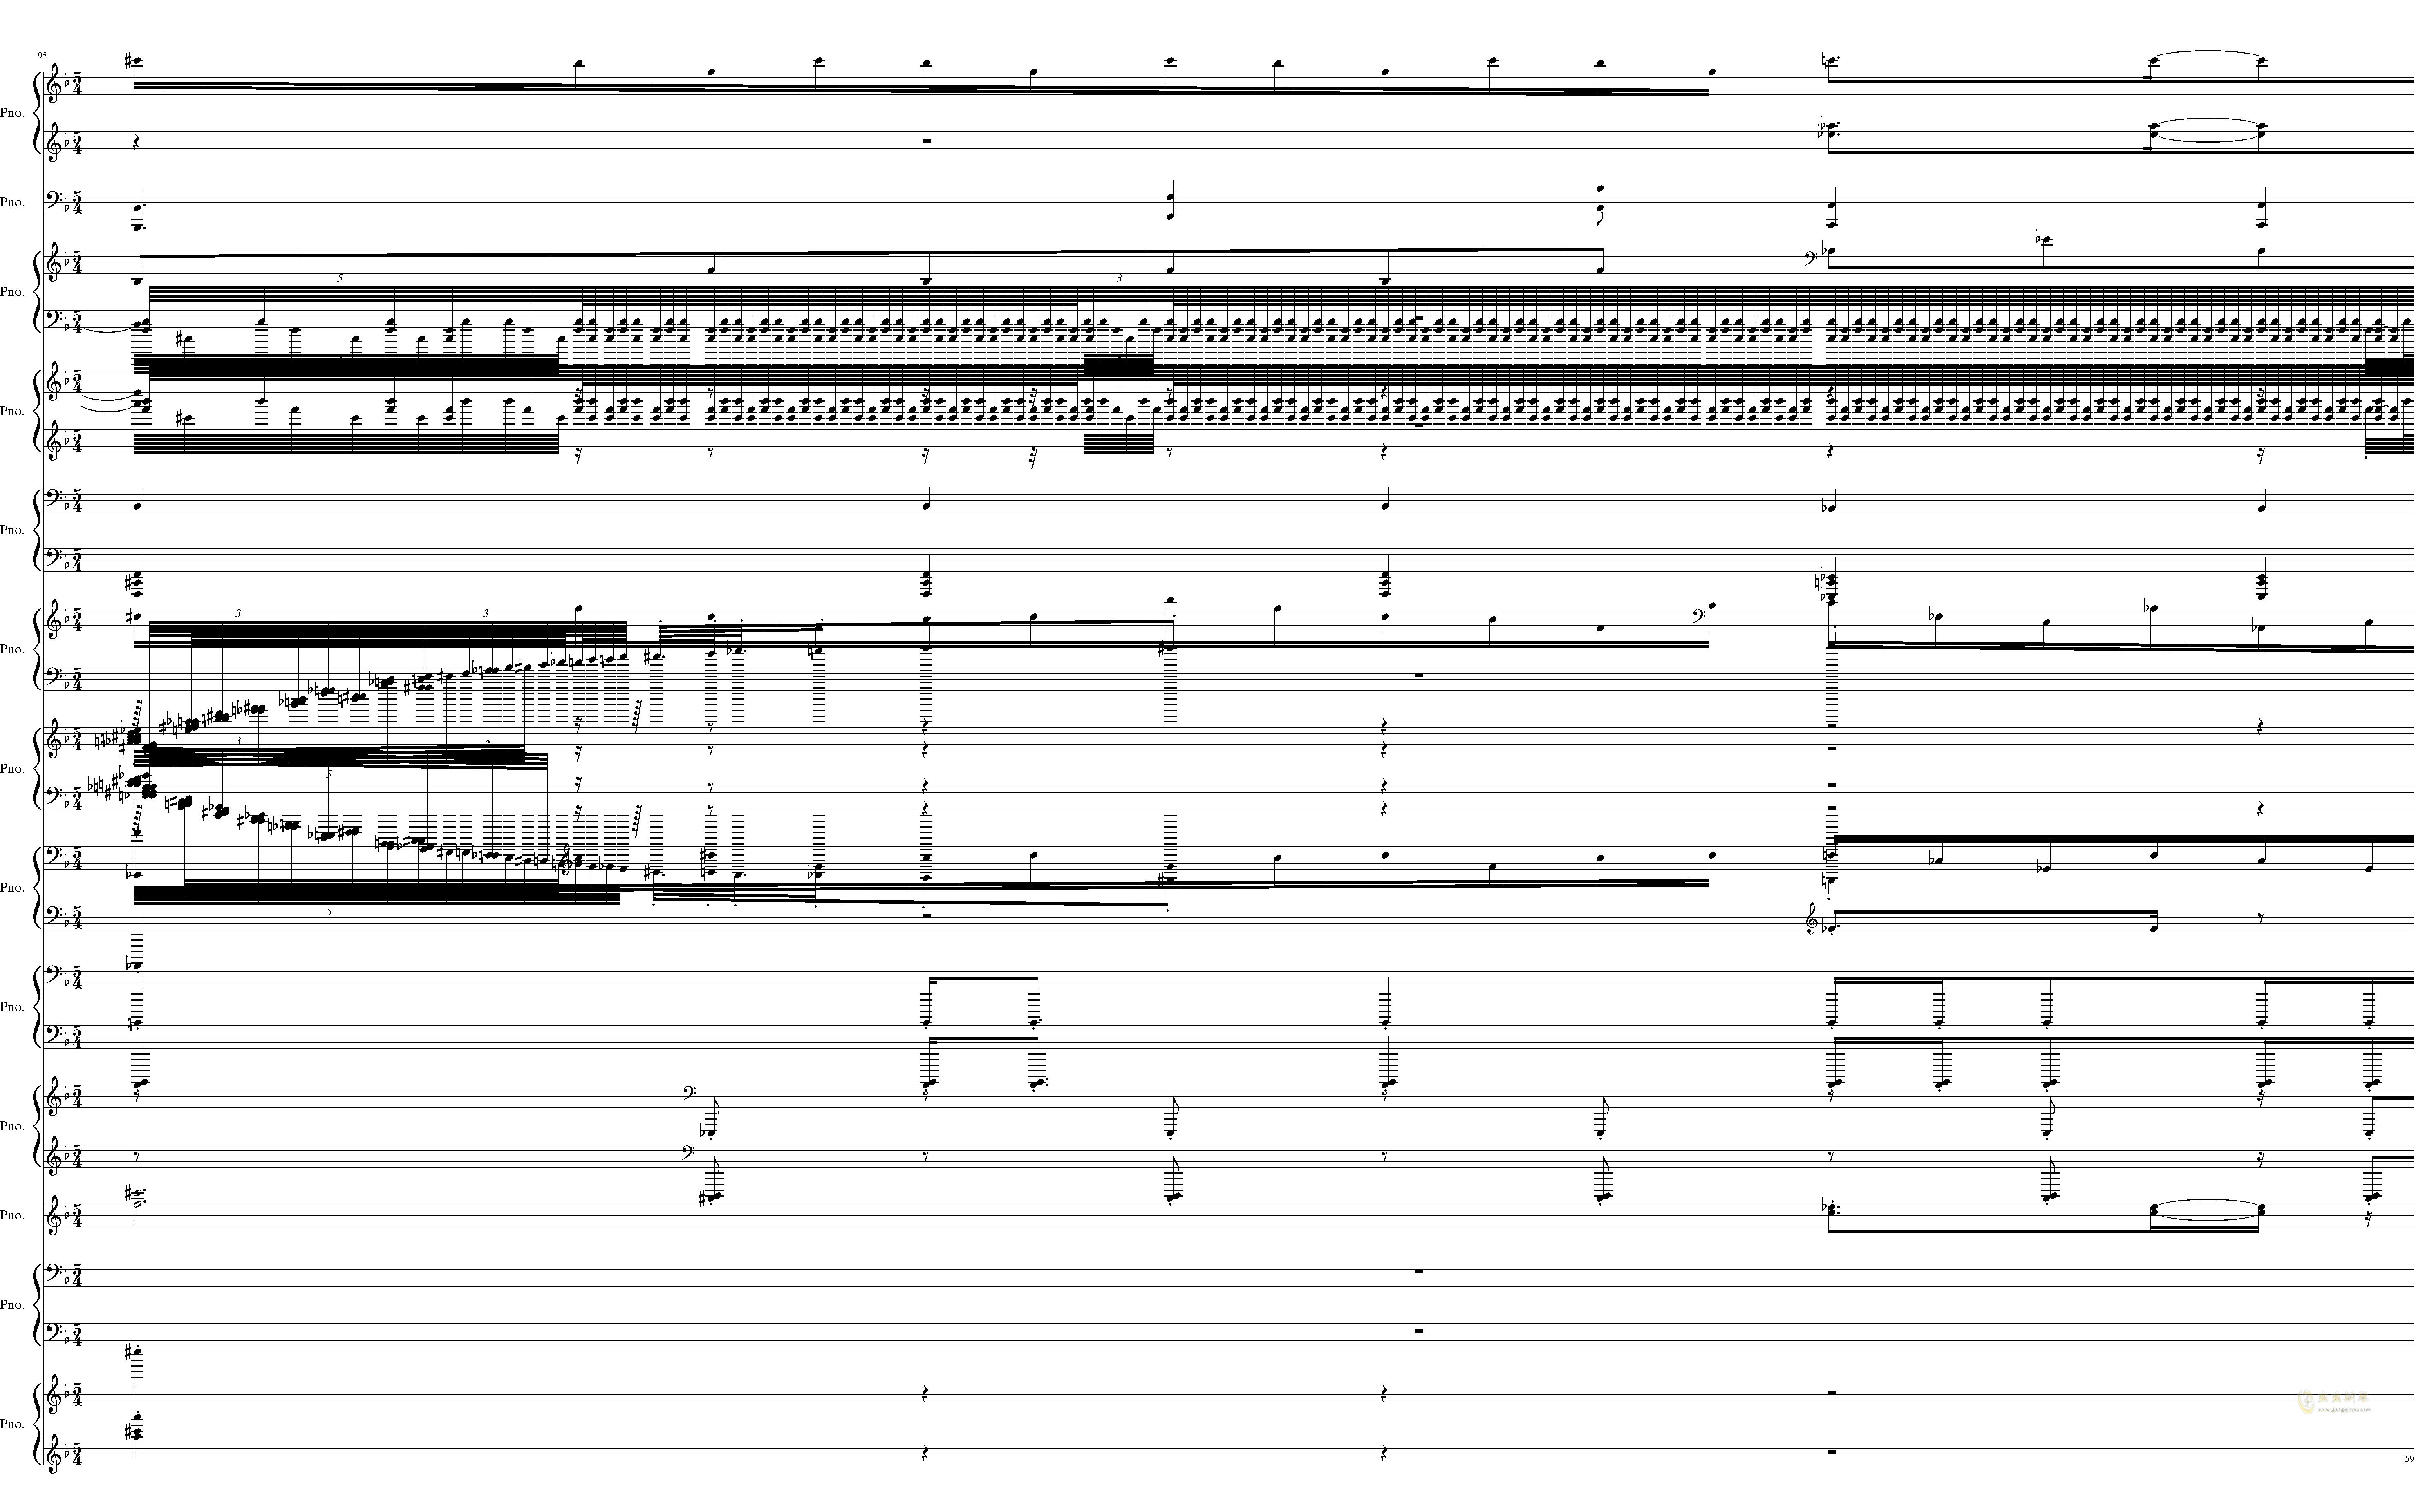 U.N. Owen was Her钢琴谱 第59页